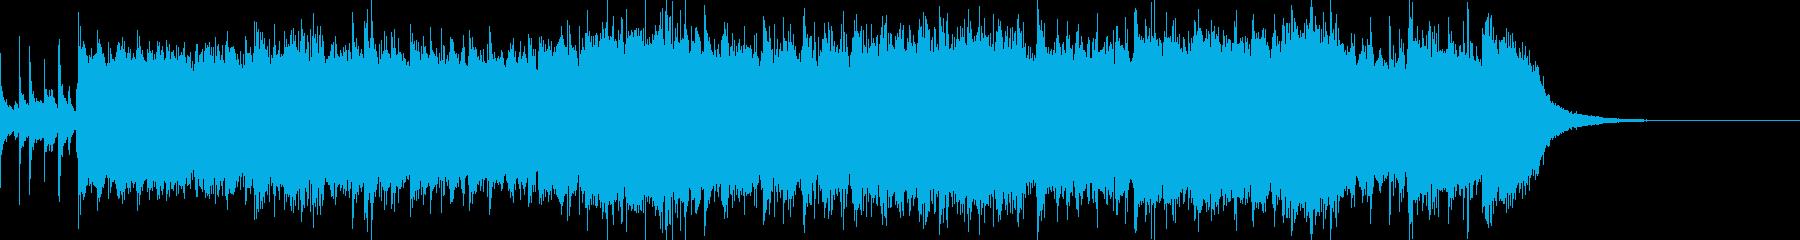 爽快な8ビートパンクロックの再生済みの波形